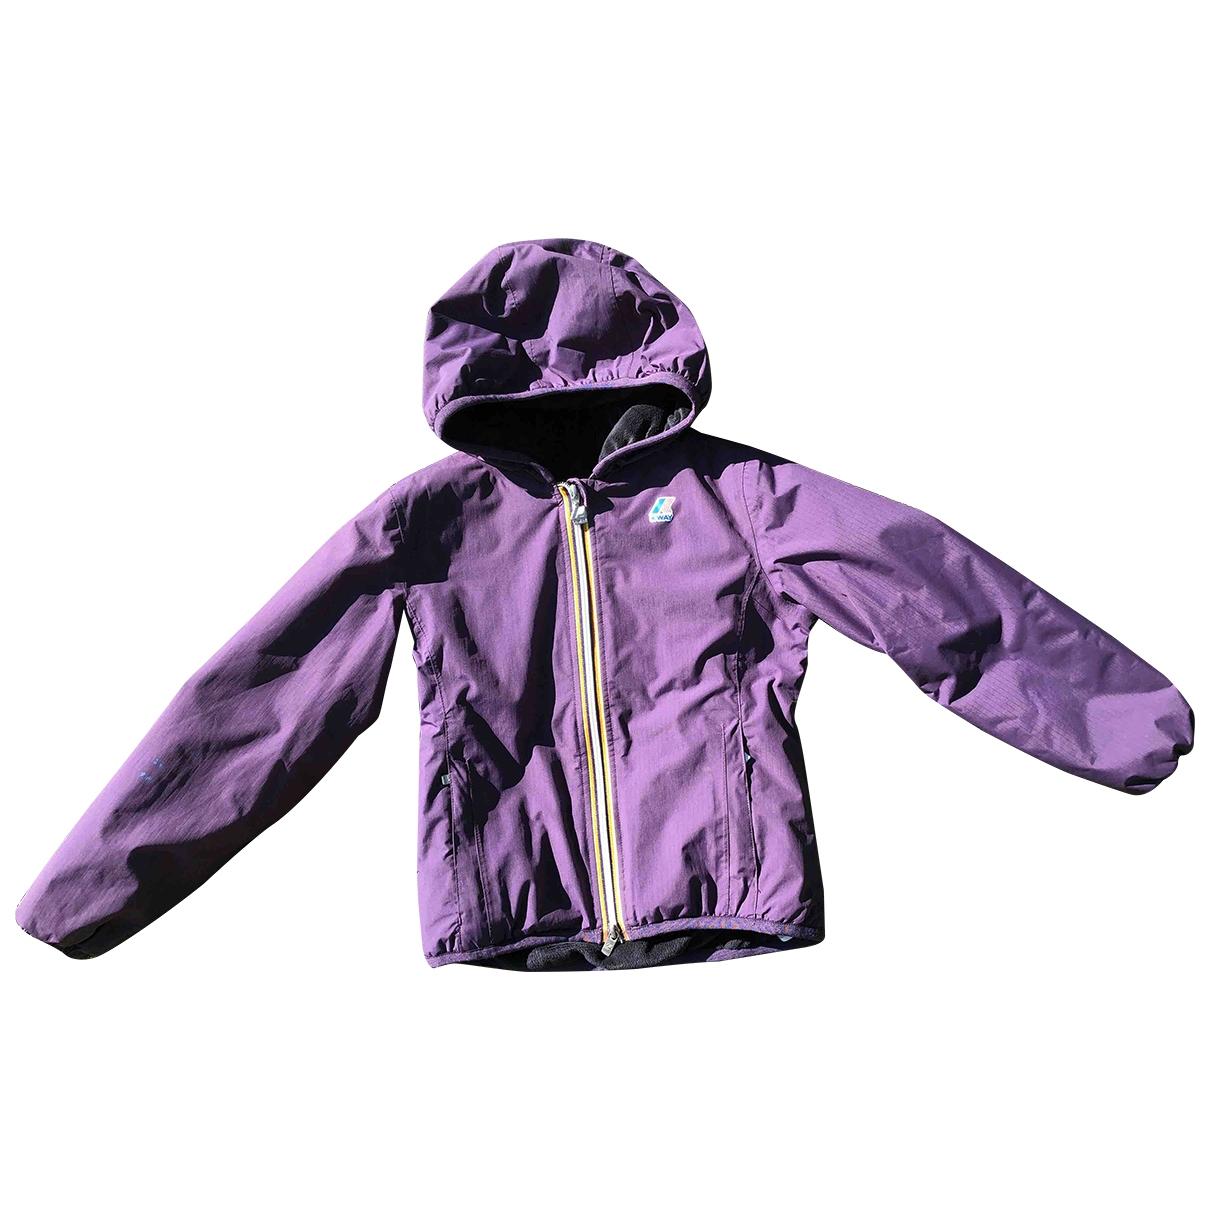 K-way - Blousons.Manteaux   pour enfant - violet